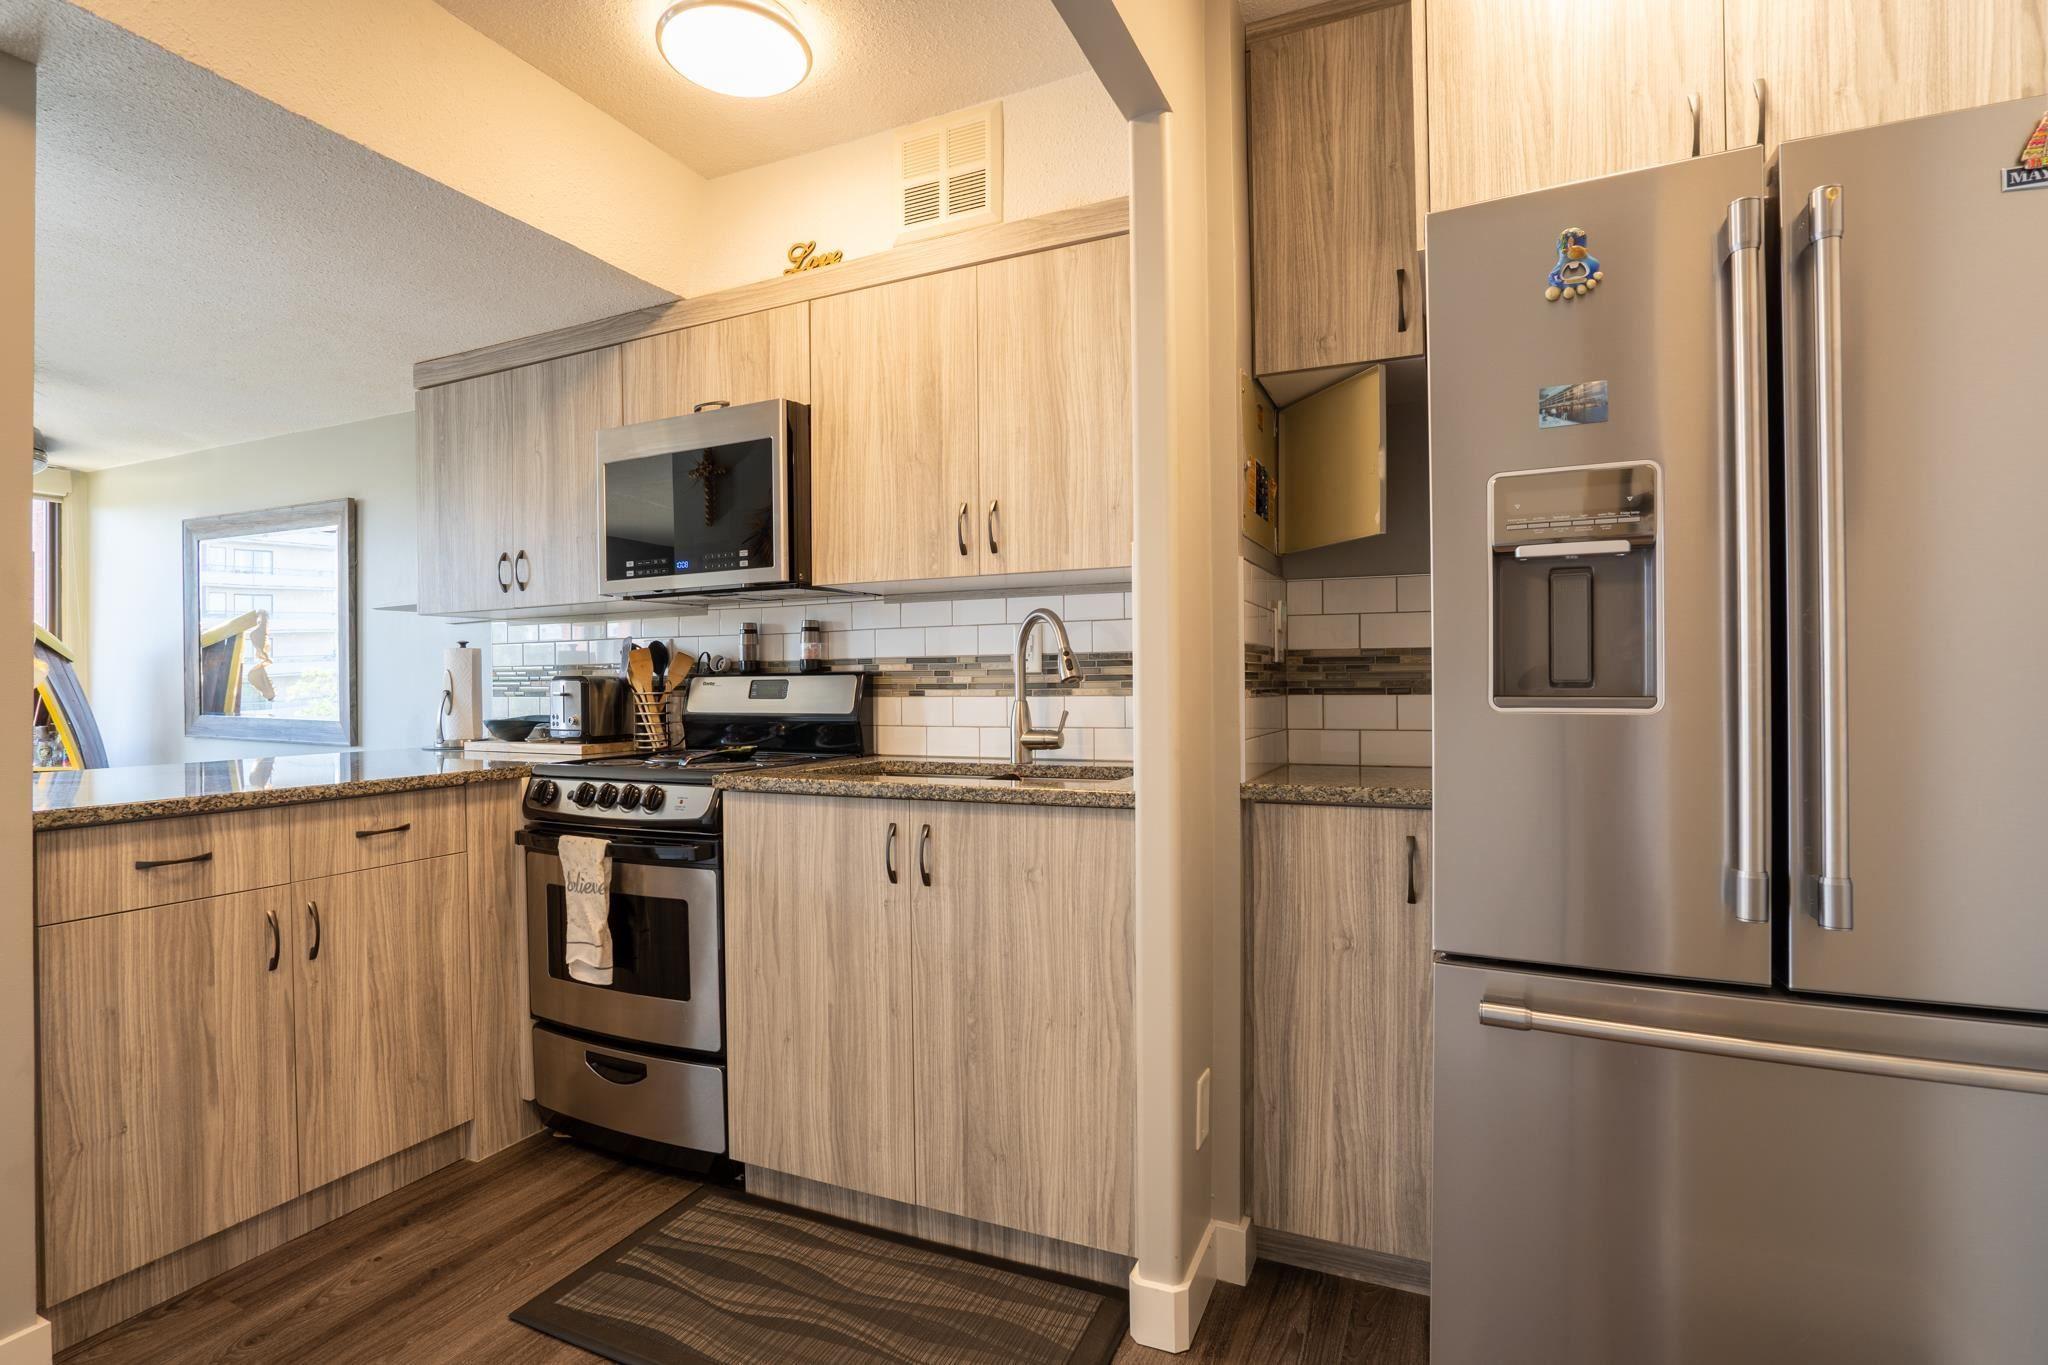 Main Photo: 521 10160 114 Street in Edmonton: Zone 12 Condo for sale : MLS®# E4265361